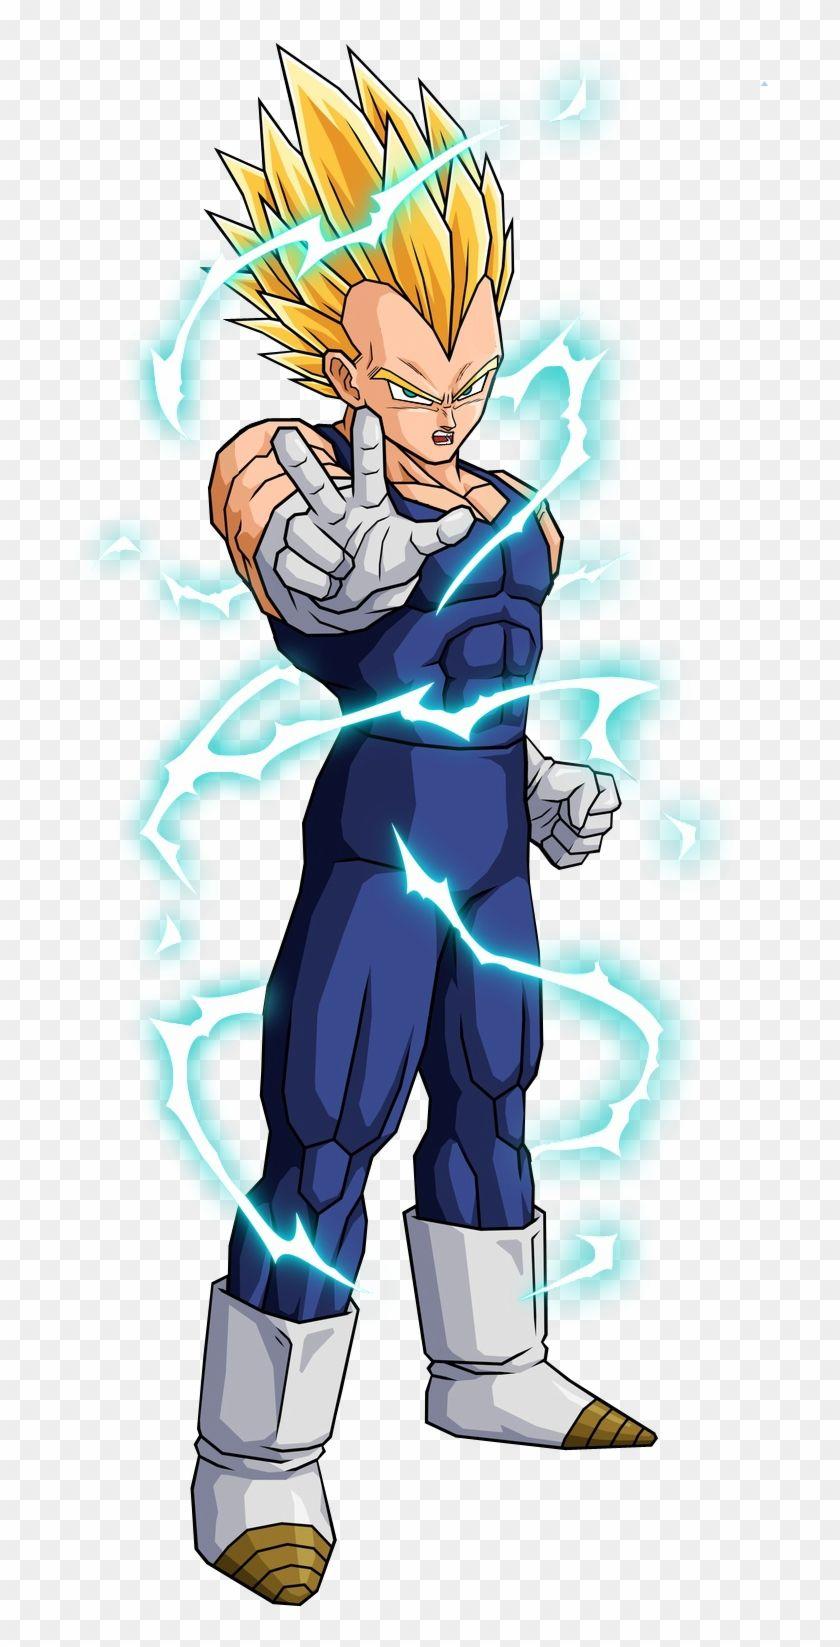 Super Saiyan Vegeta Png Vegeta Super Saiyan 2 Png Transparent Dragon Ball Super Super Saiyan Vegeta Goku Drawing